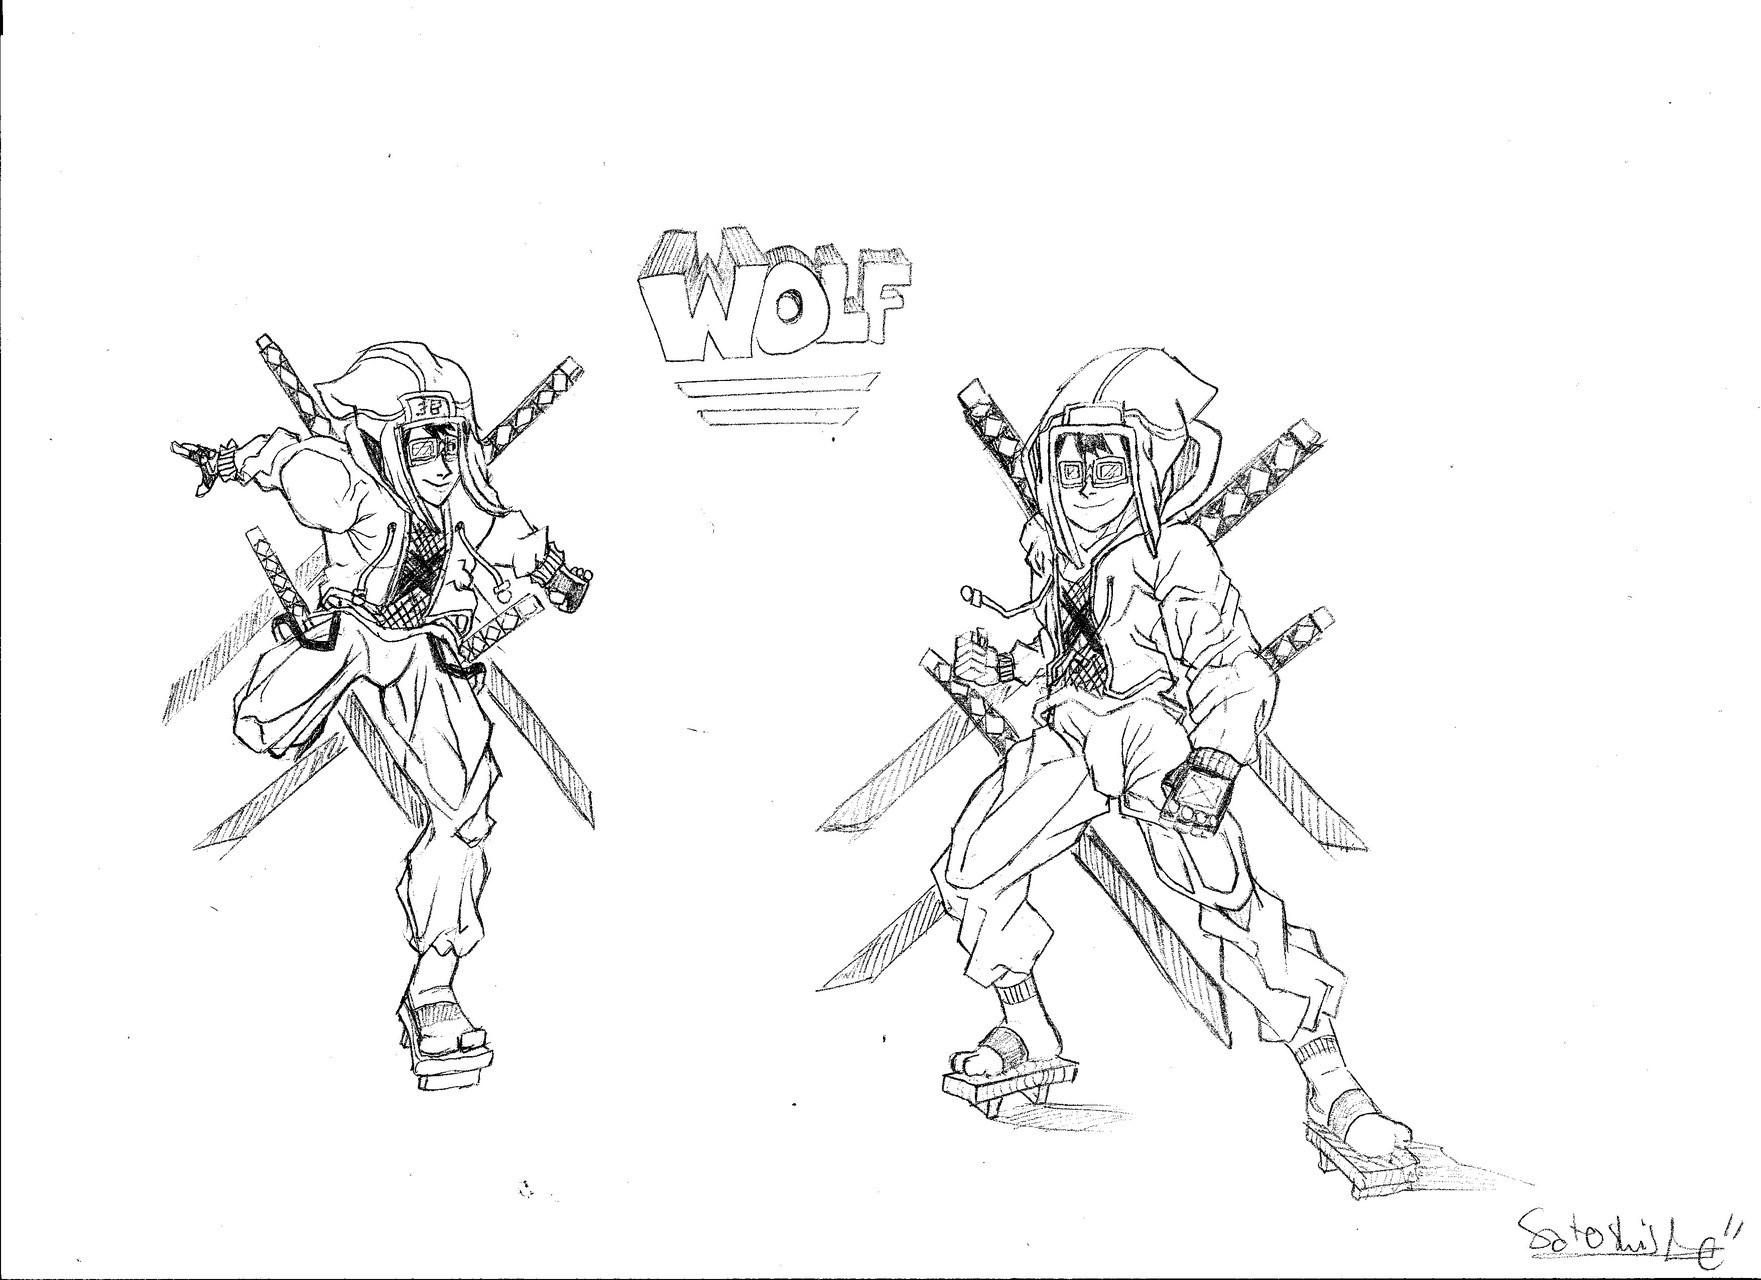 WOLF 04